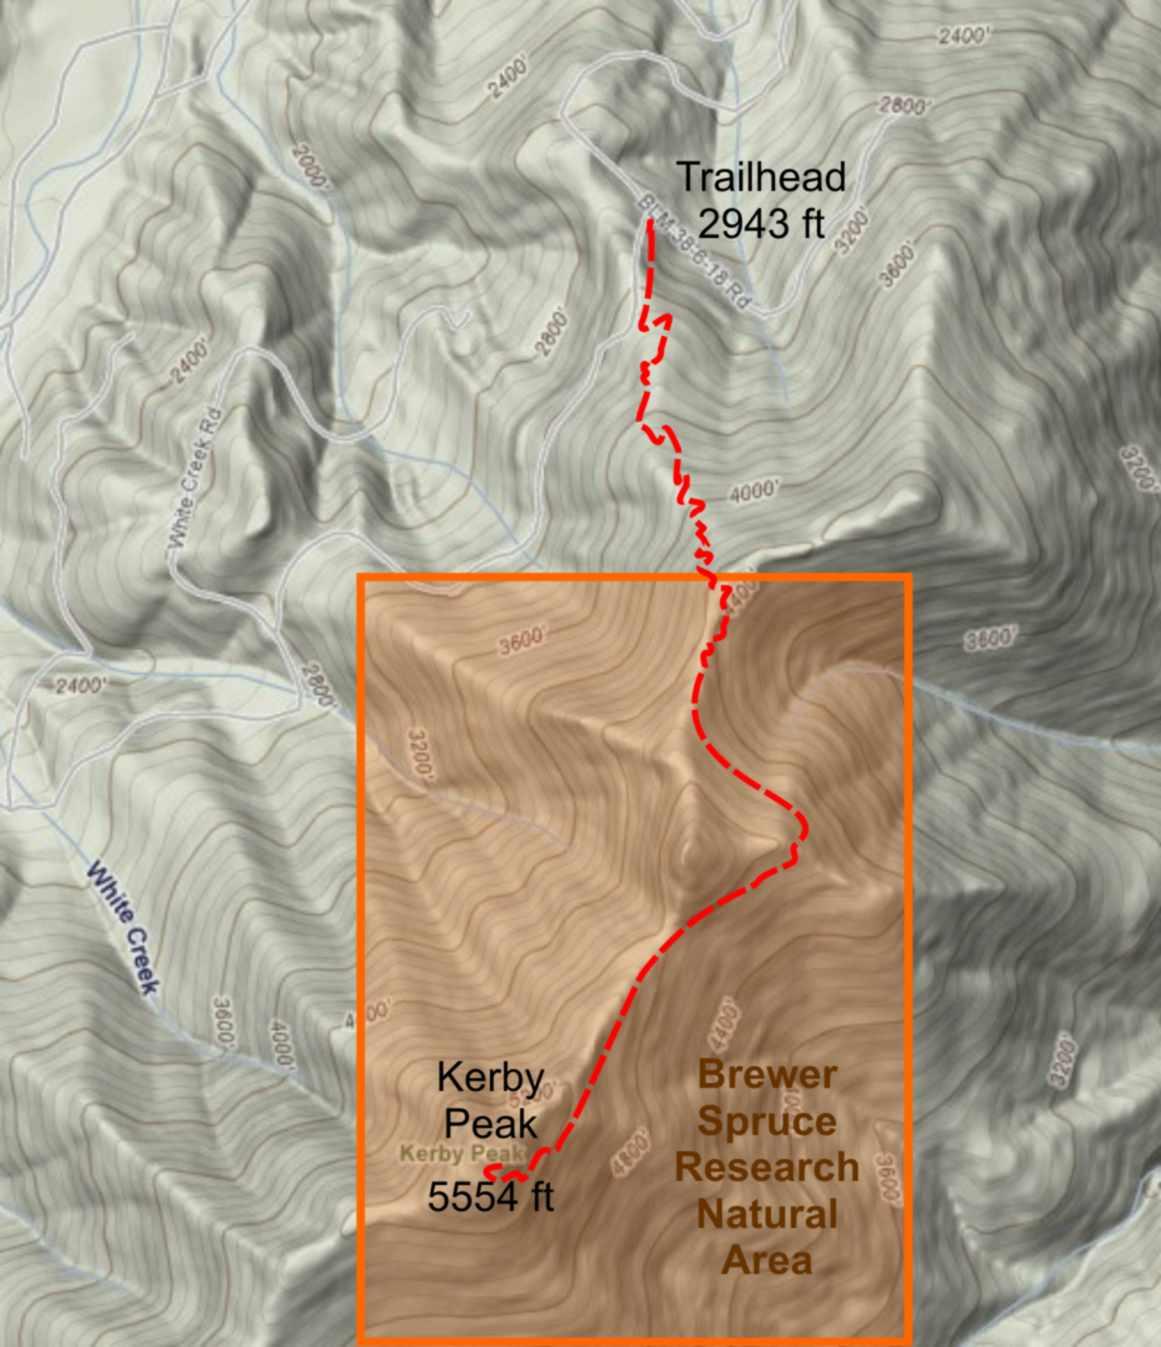 Kerby Peak Trail Highway 199